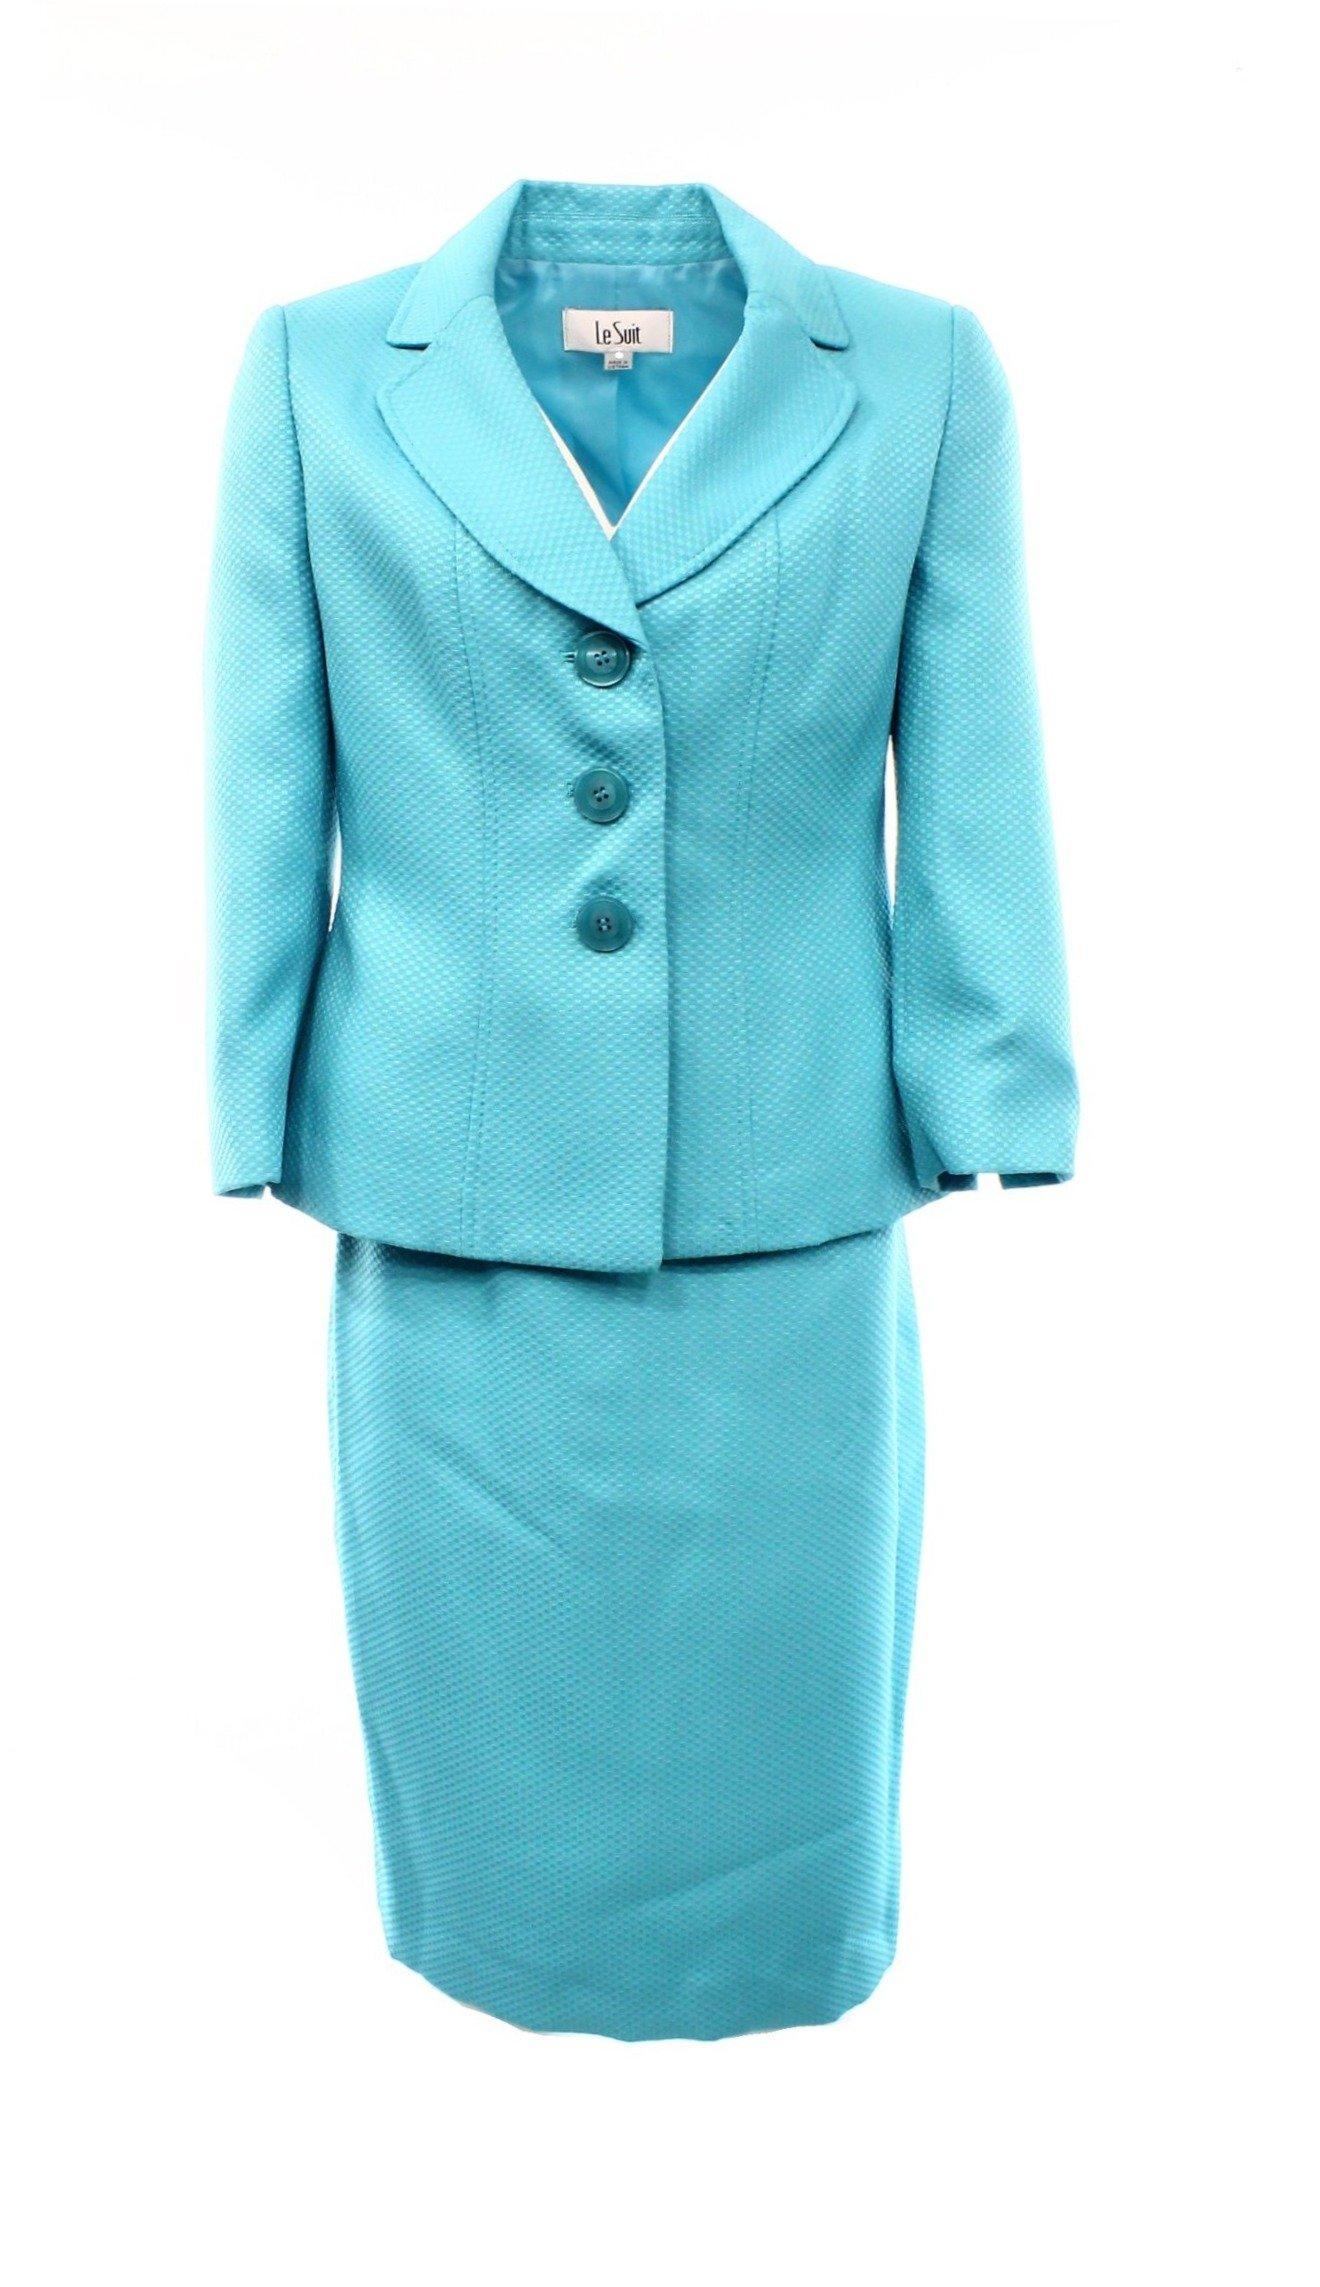 Le Suit Aqua Textured Womens Plus Skirt Suit Set Blue 16W by Le Suit